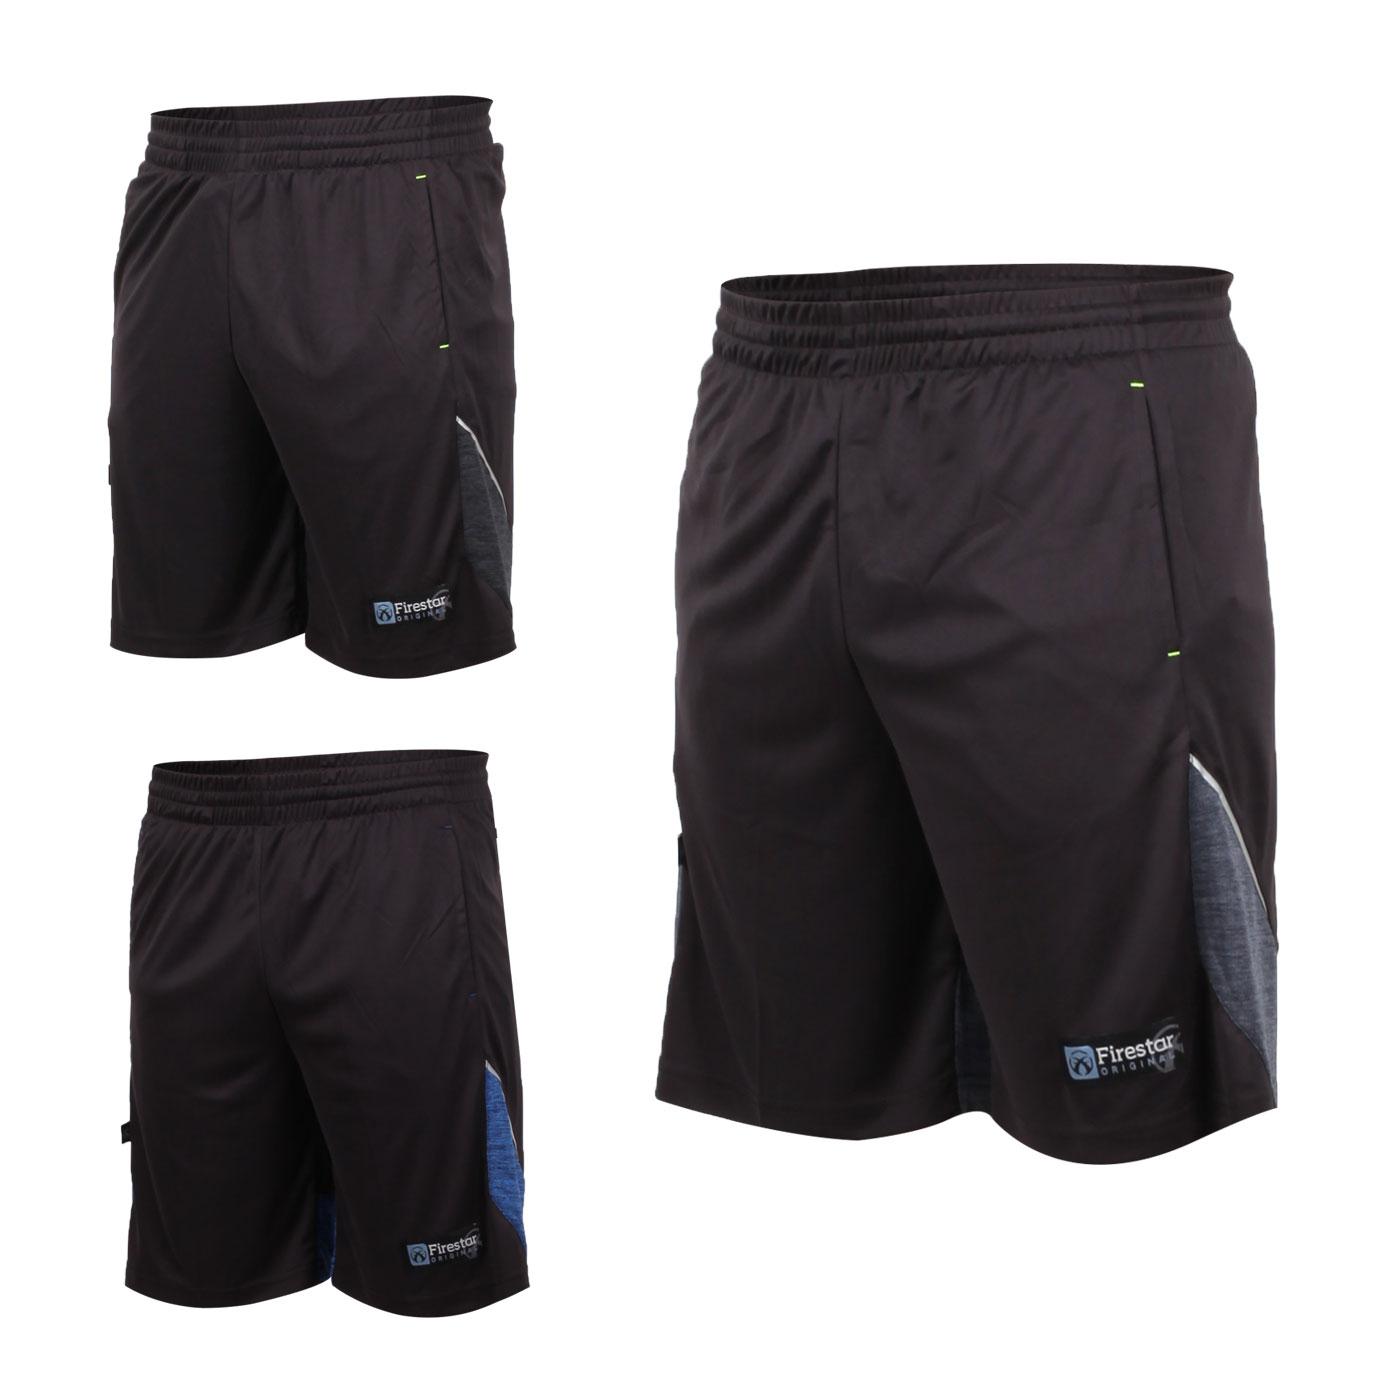 FIRESTAR 男針織籃球短褲 B8003-18